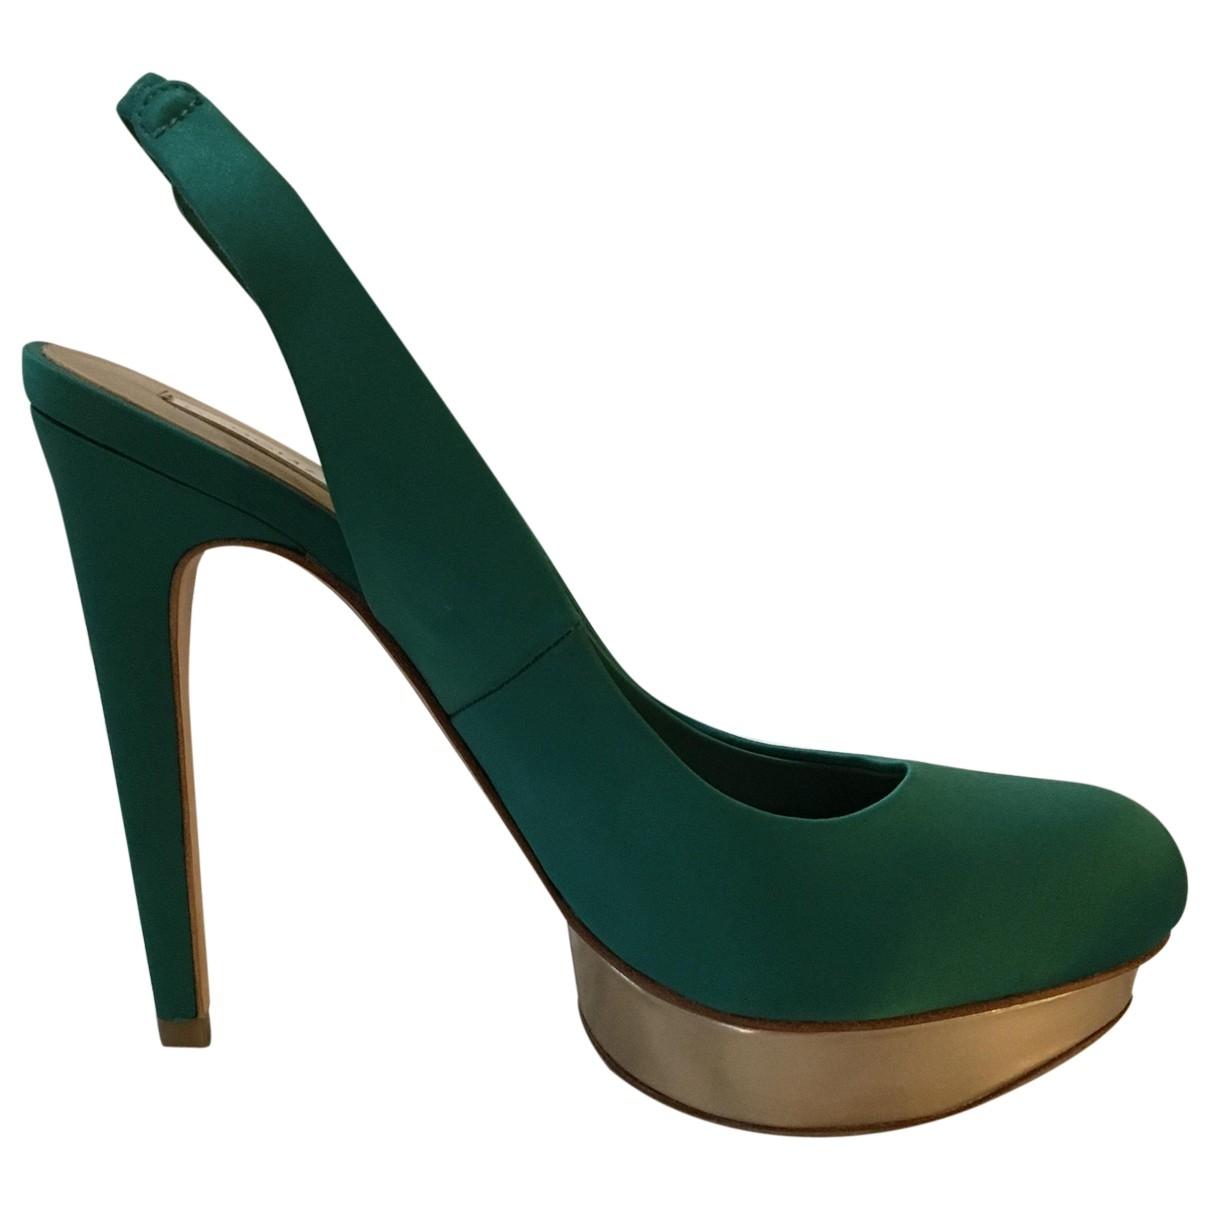 Bcbg Max Azria - Escarpins   pour femme en toile - vert